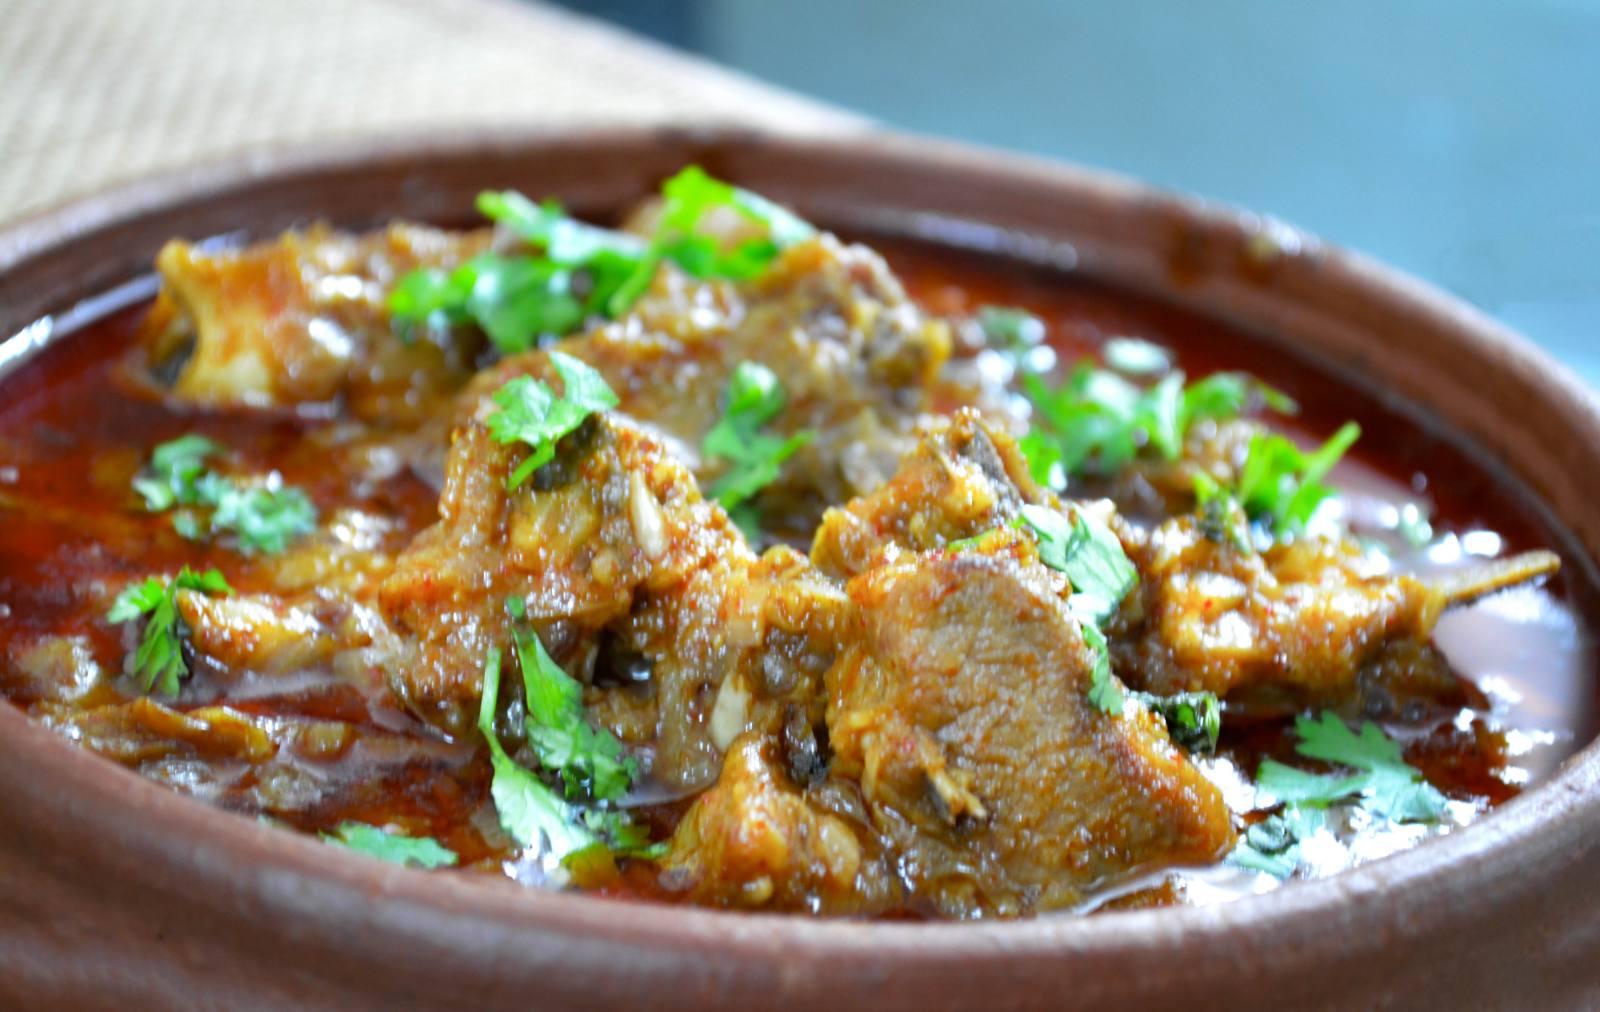 Bawarchi.com - Top 10 Mutton Recipes